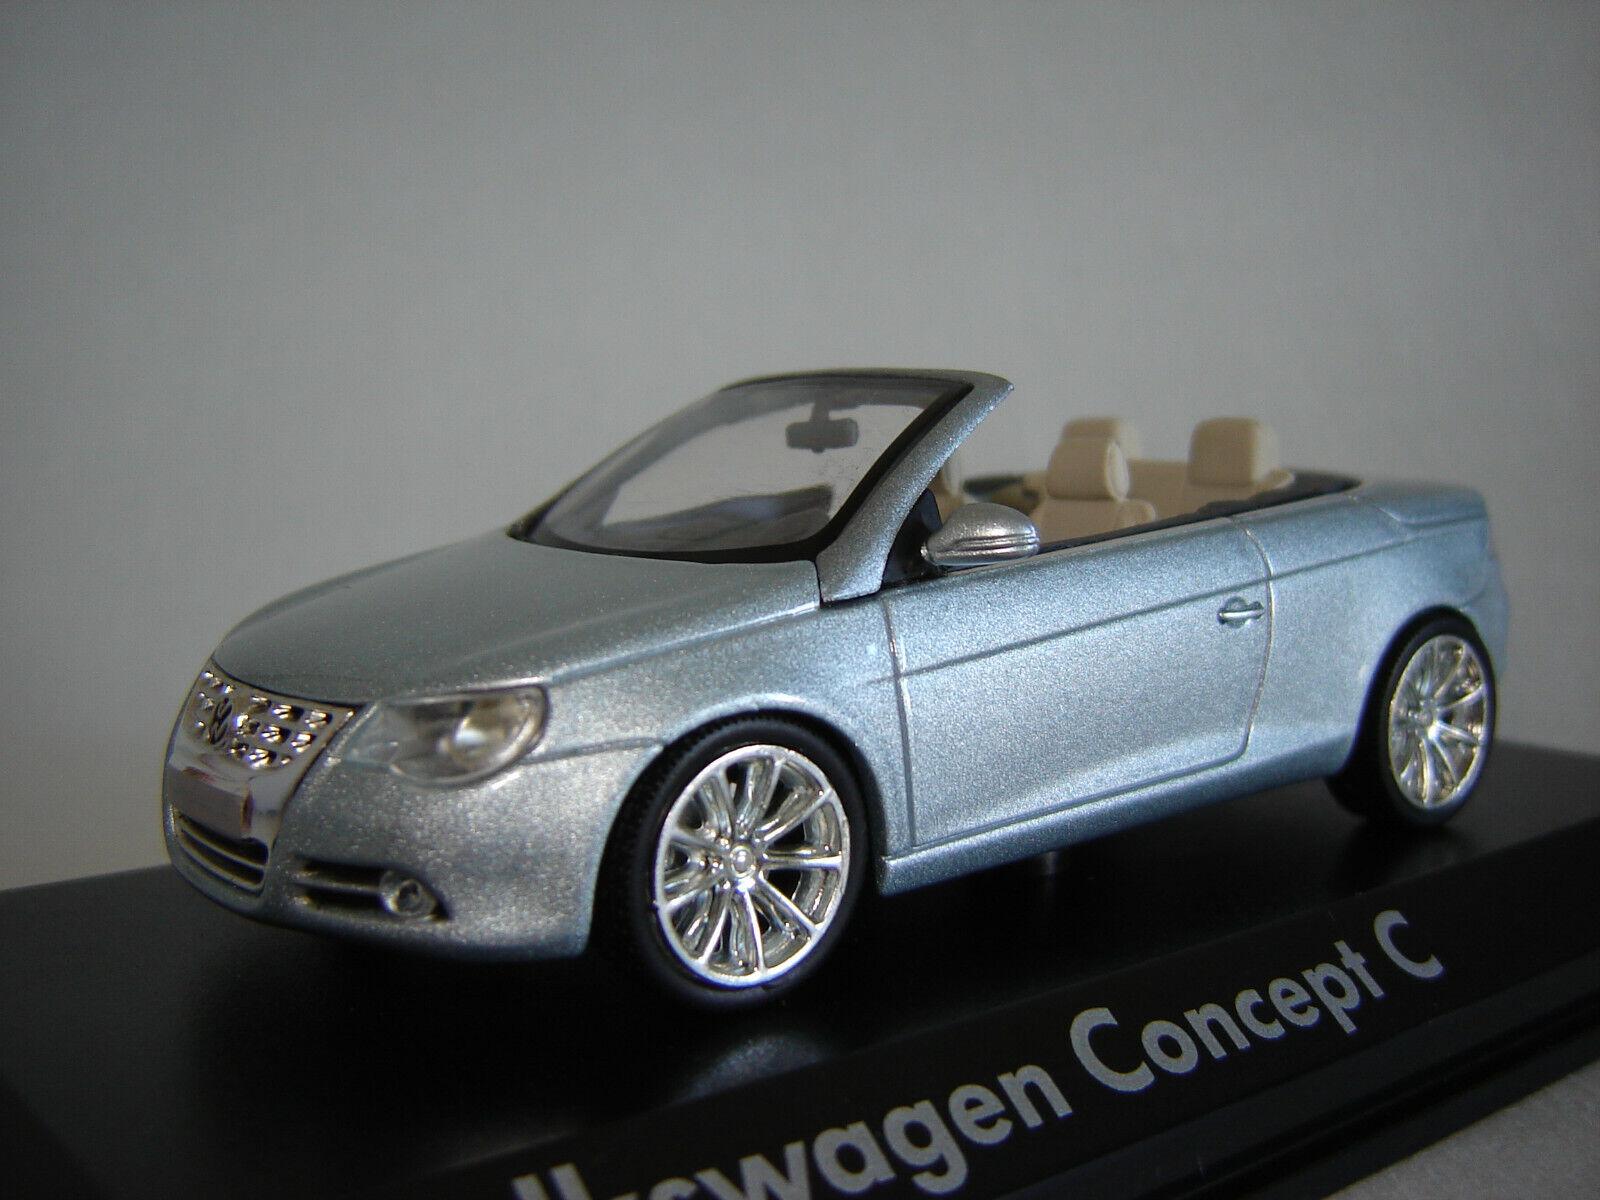 1 43 VOLKSWAGEN Concept C 2004 - Norev N840100